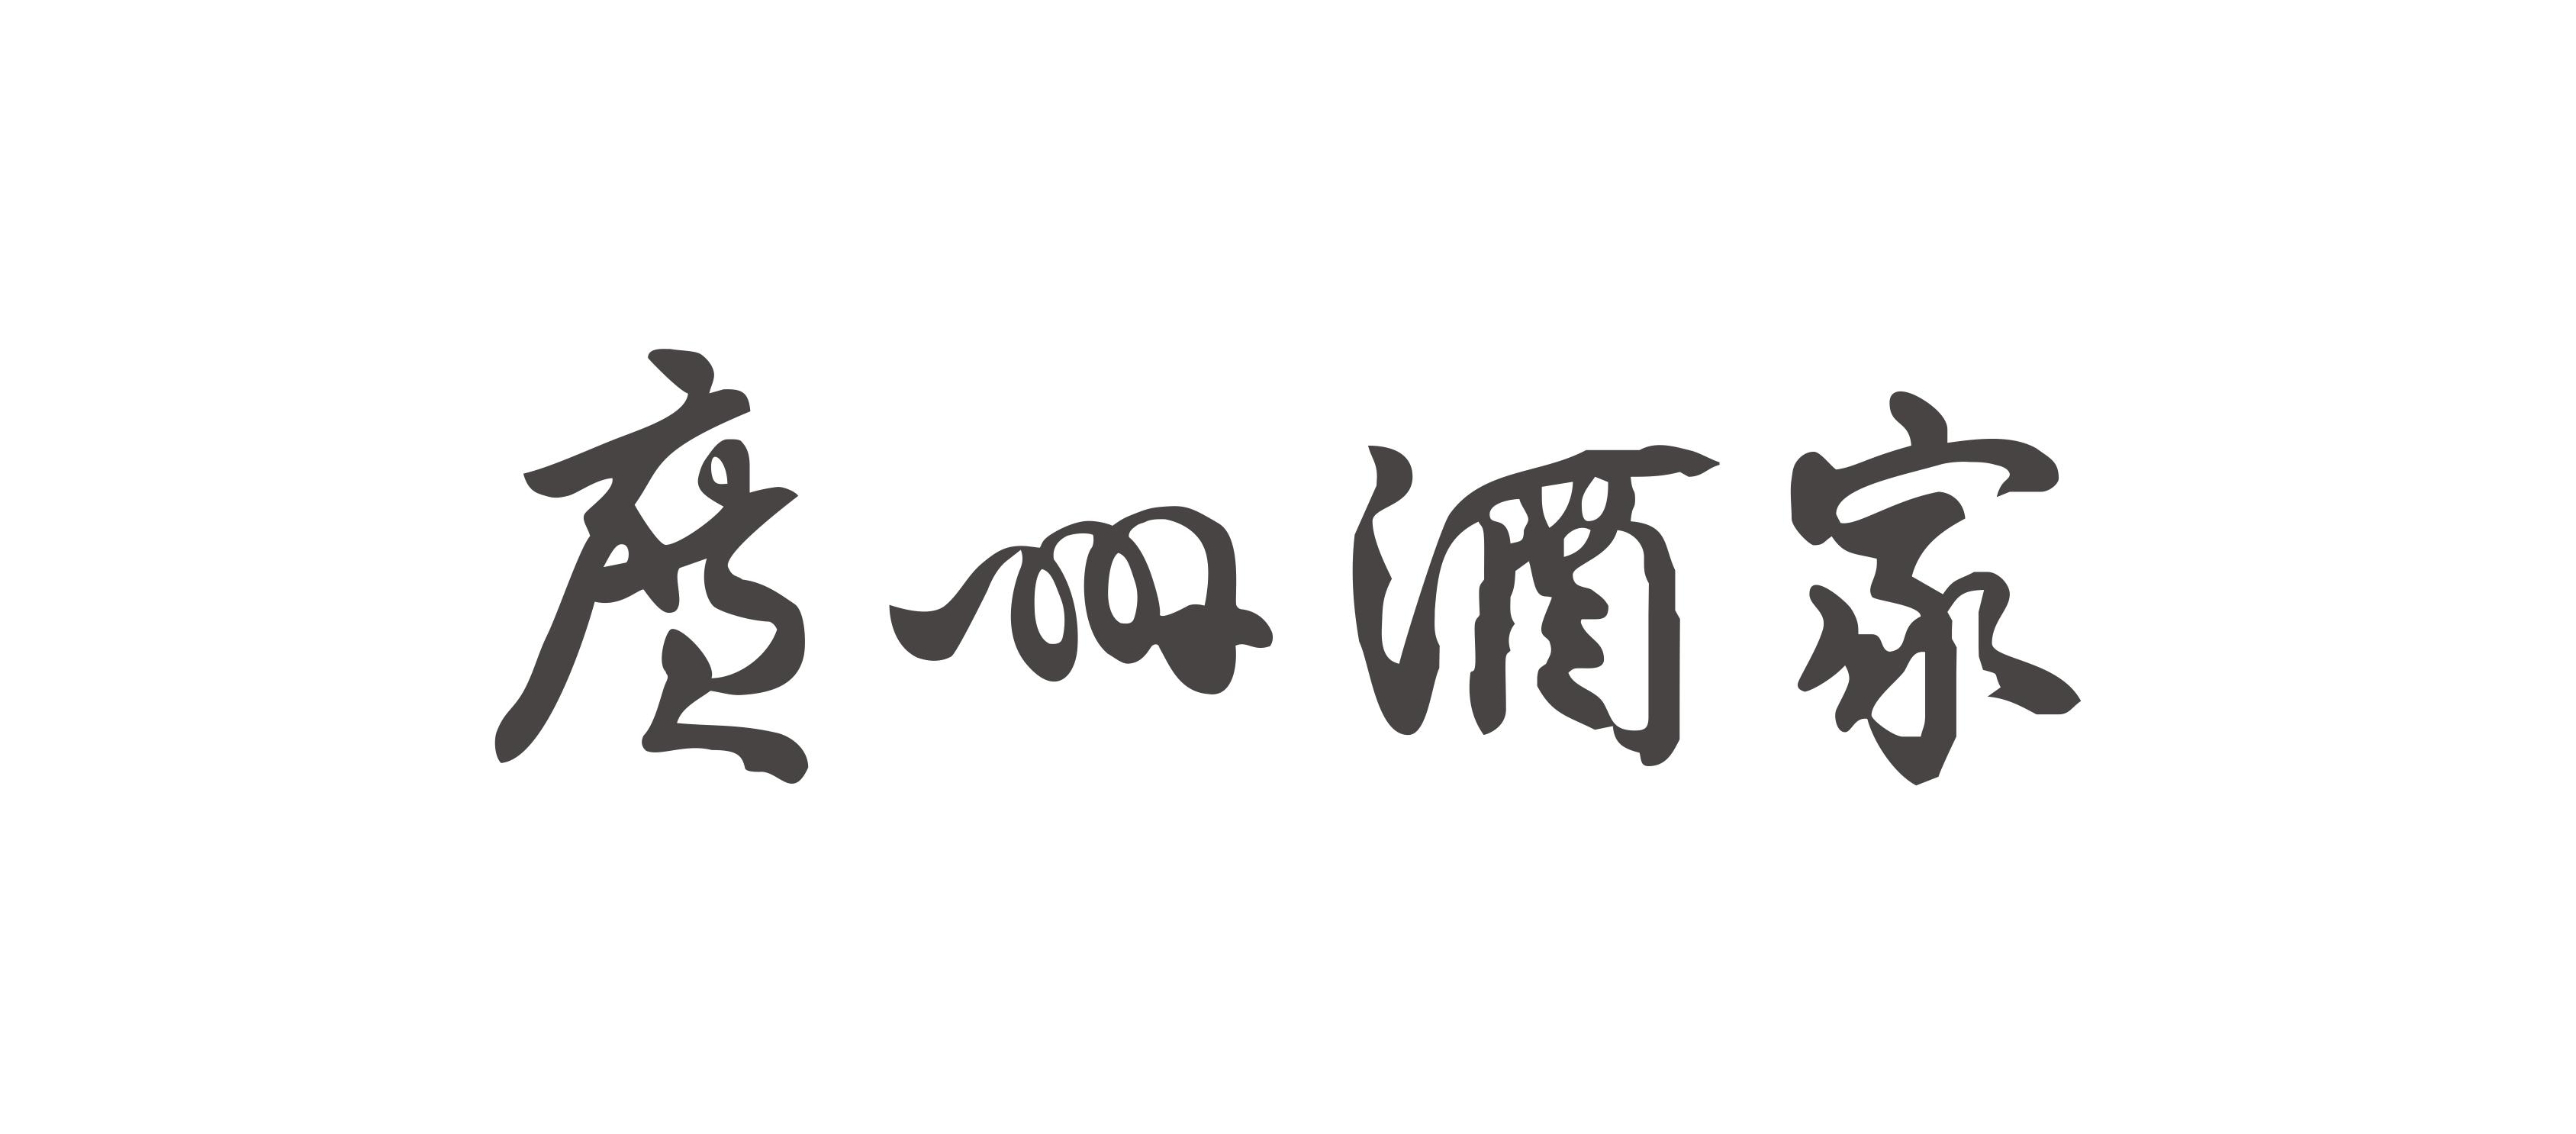 利口福、广州酒家包装设计